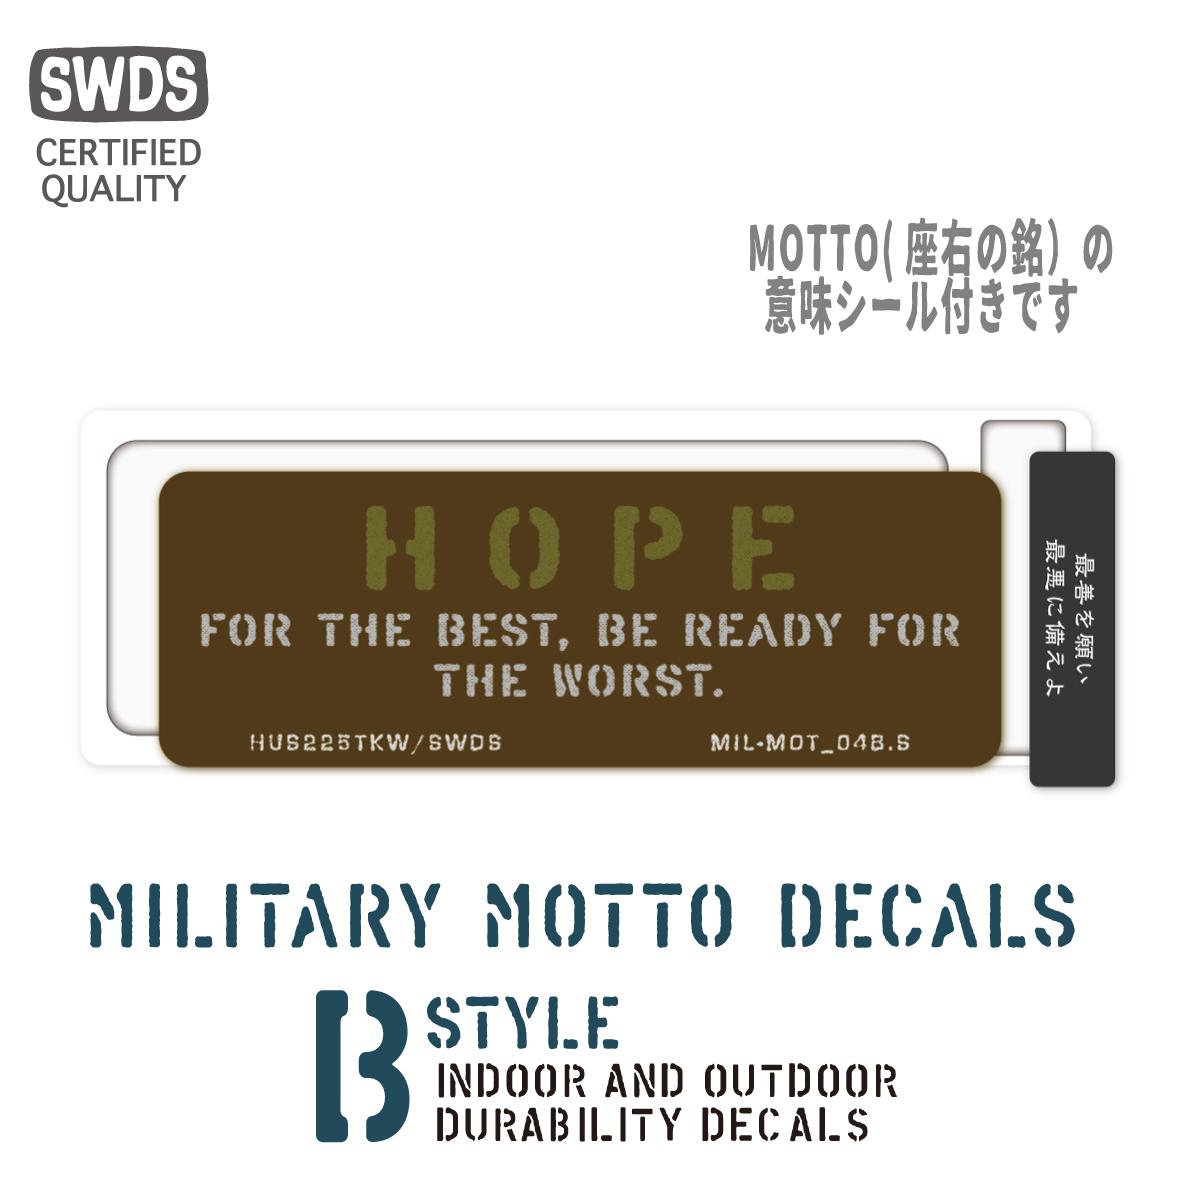 MIL-MOTB-S-004S